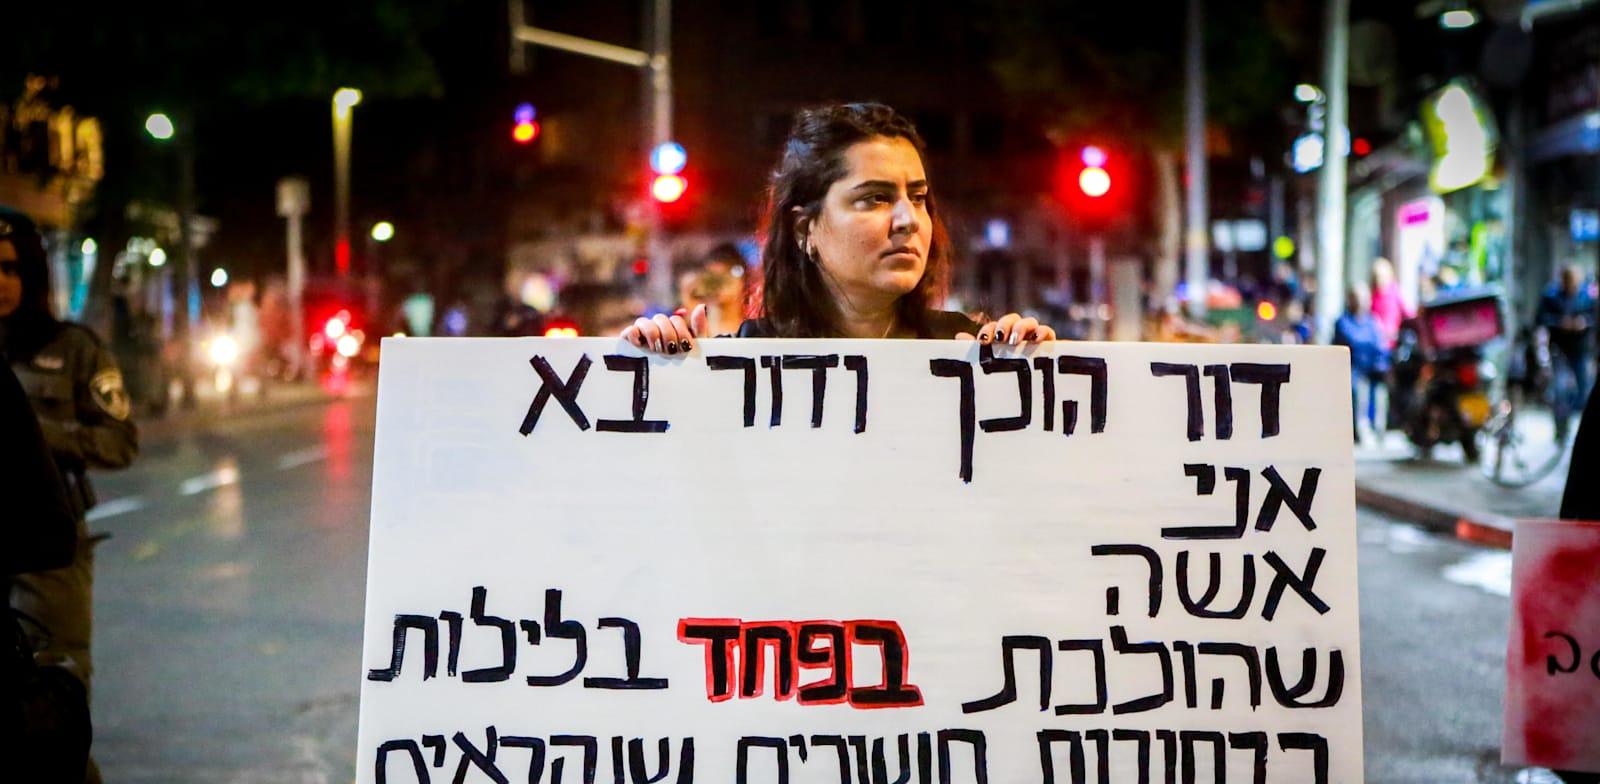 מחאת נשים נגד אלימות ברחוב לוינסקי בתל אביב / צילום: שלומי יוסף